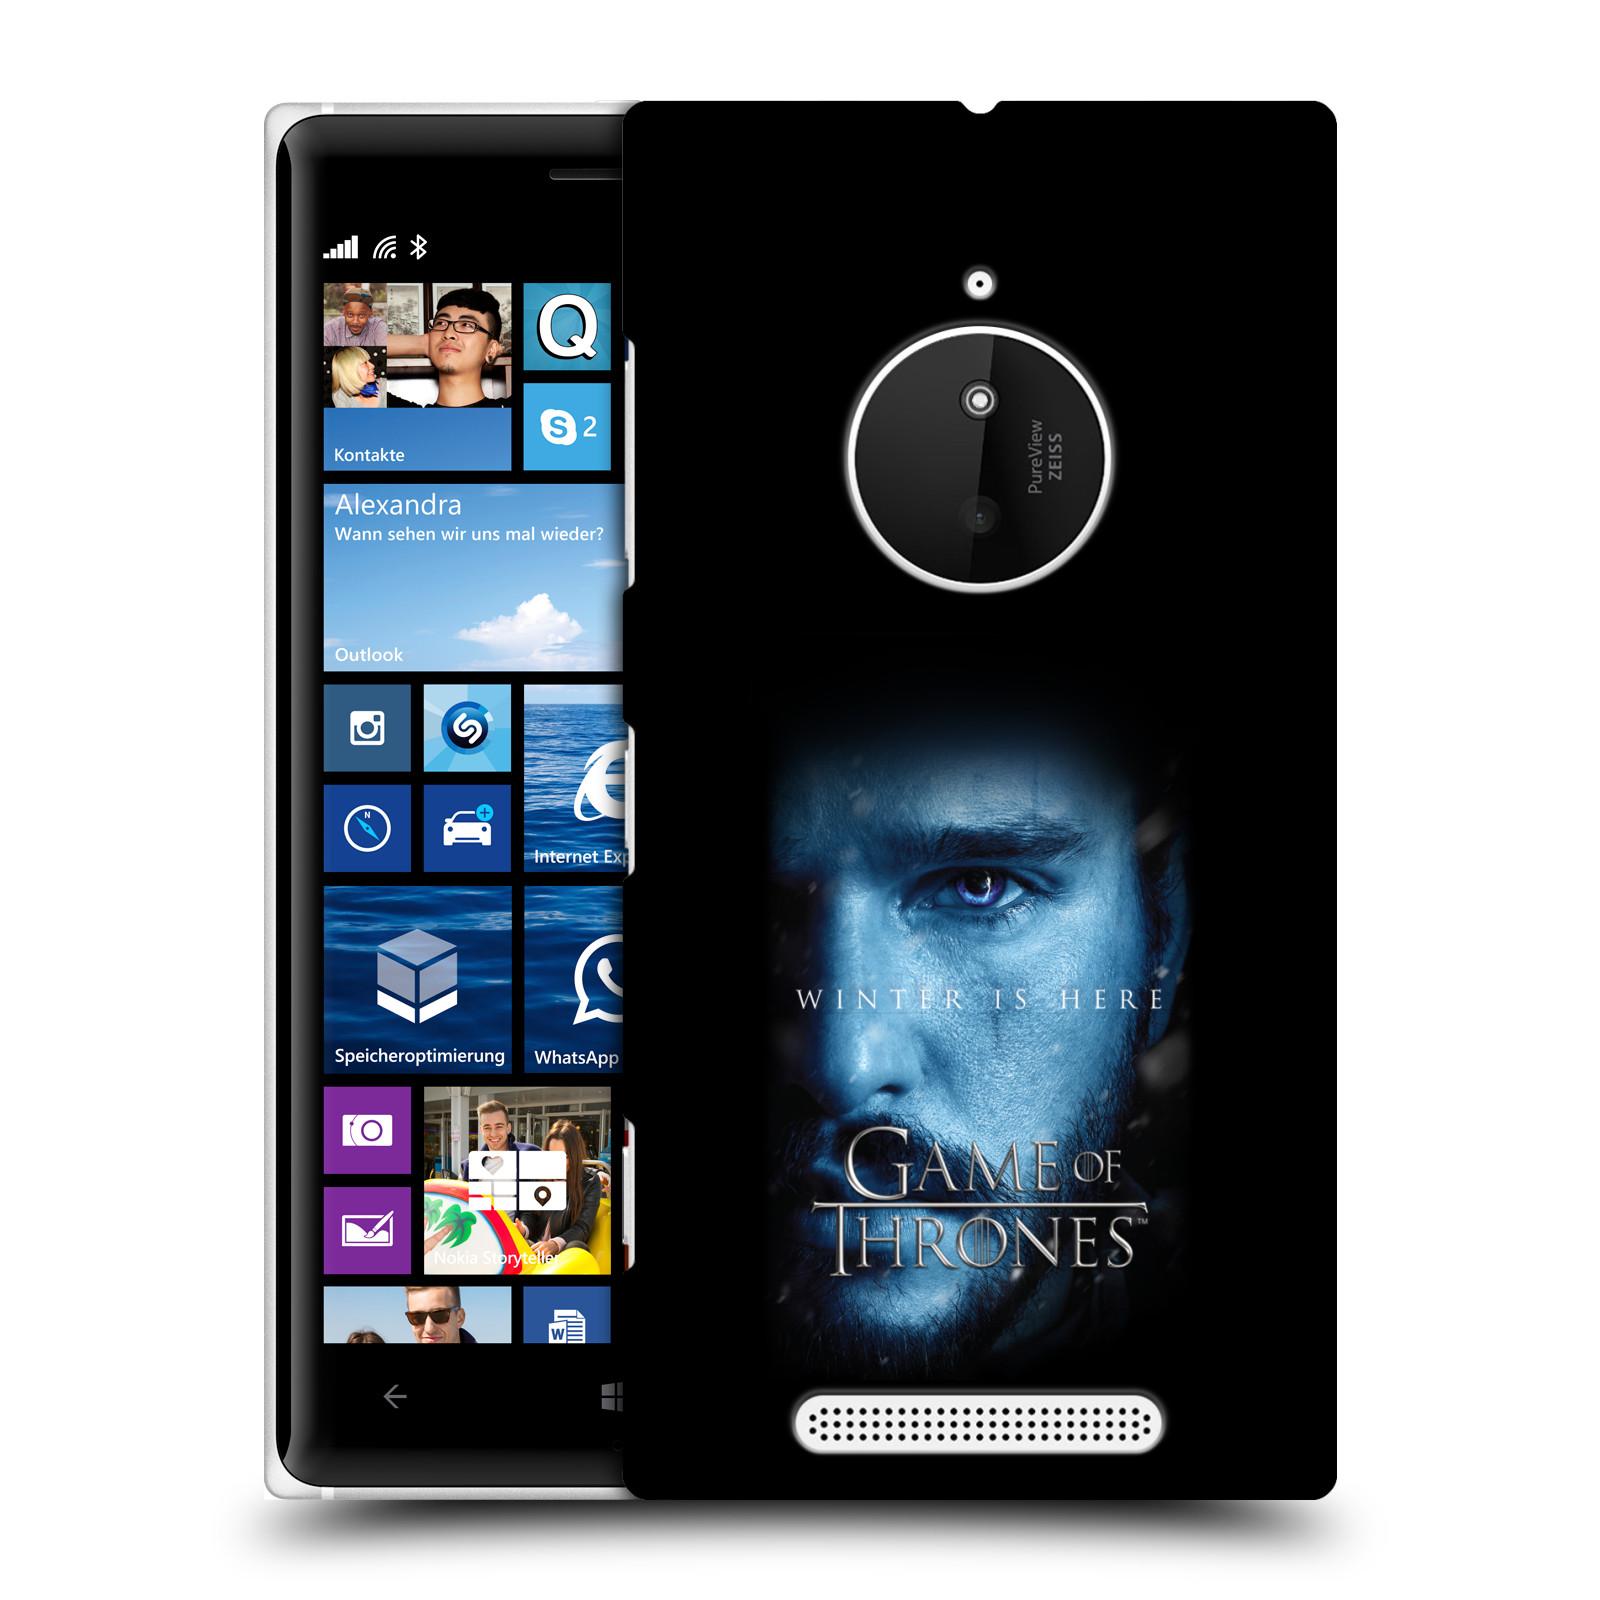 Plastové pouzdro na mobil Nokia Lumia 830 - Head Case - Hra o trůny - Jon Snow - Winter is here (Plastový kryt či obal na mobilní telefon s motivem Game of Thrones - Jon Snow - Winter is here - Season 7 pro Nokia Lumia 830)